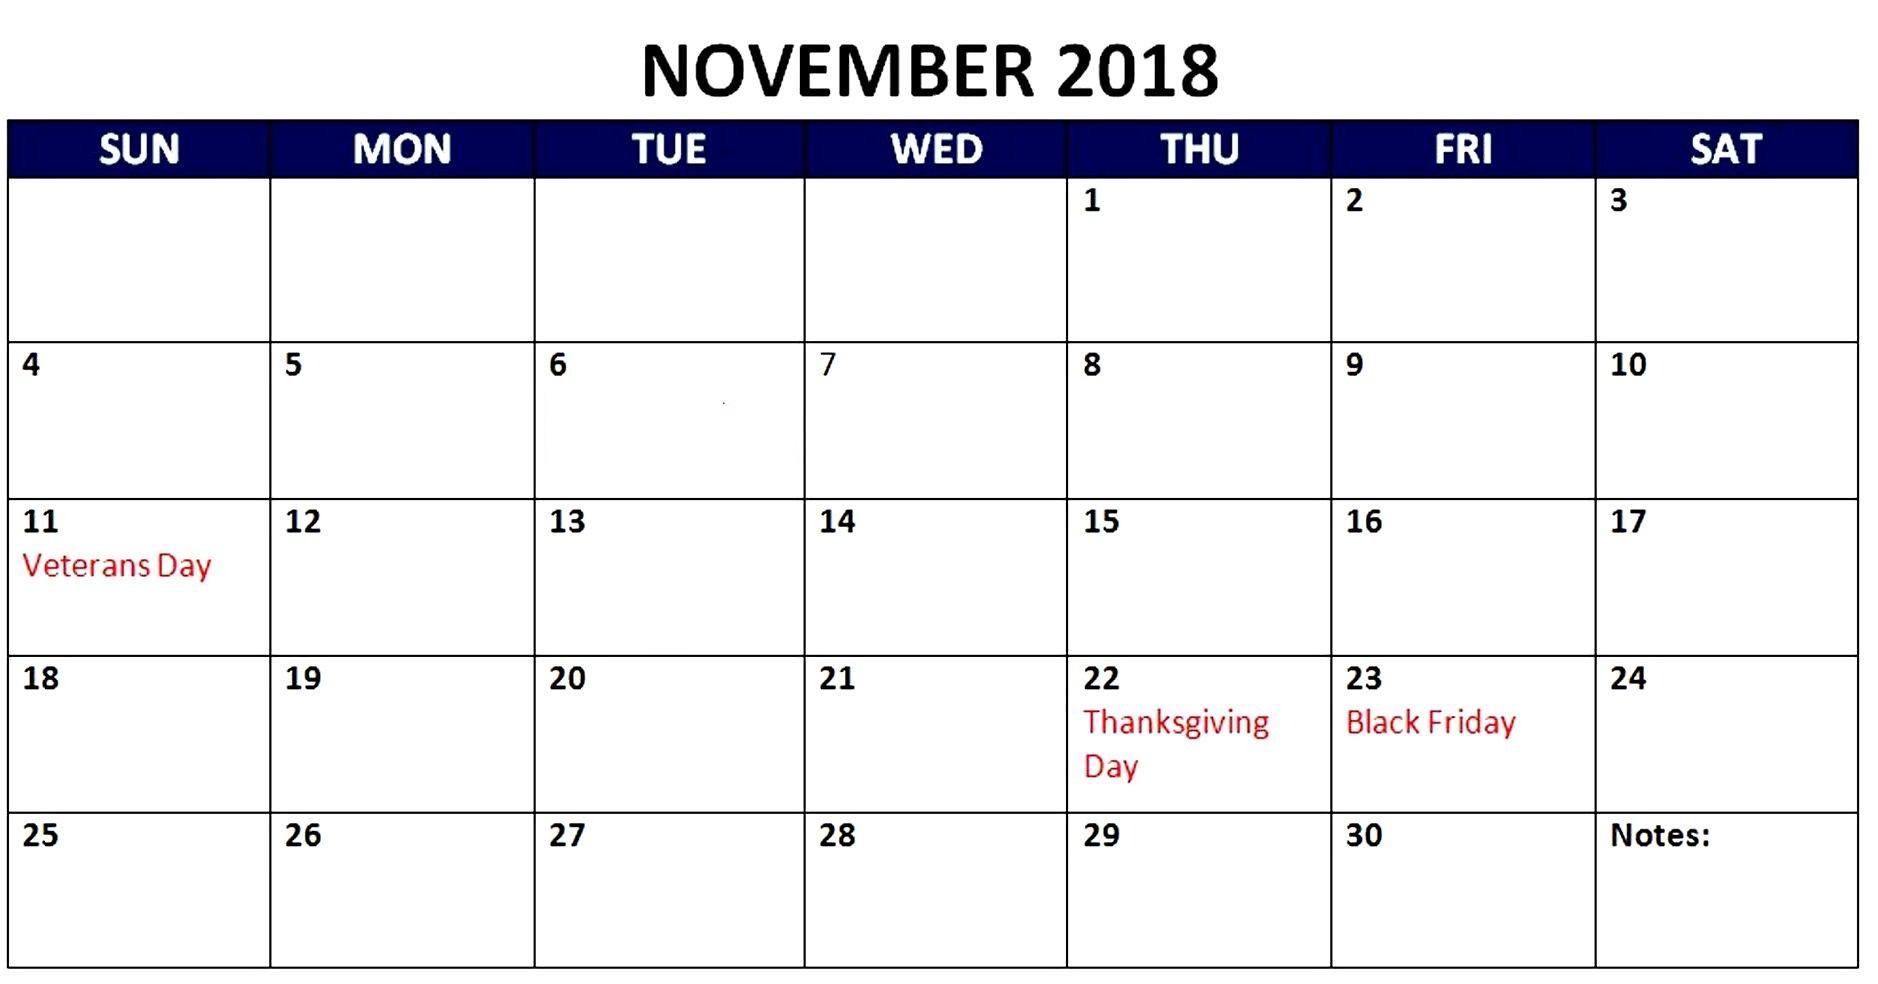 November 2018 Holidays Calendar Australia